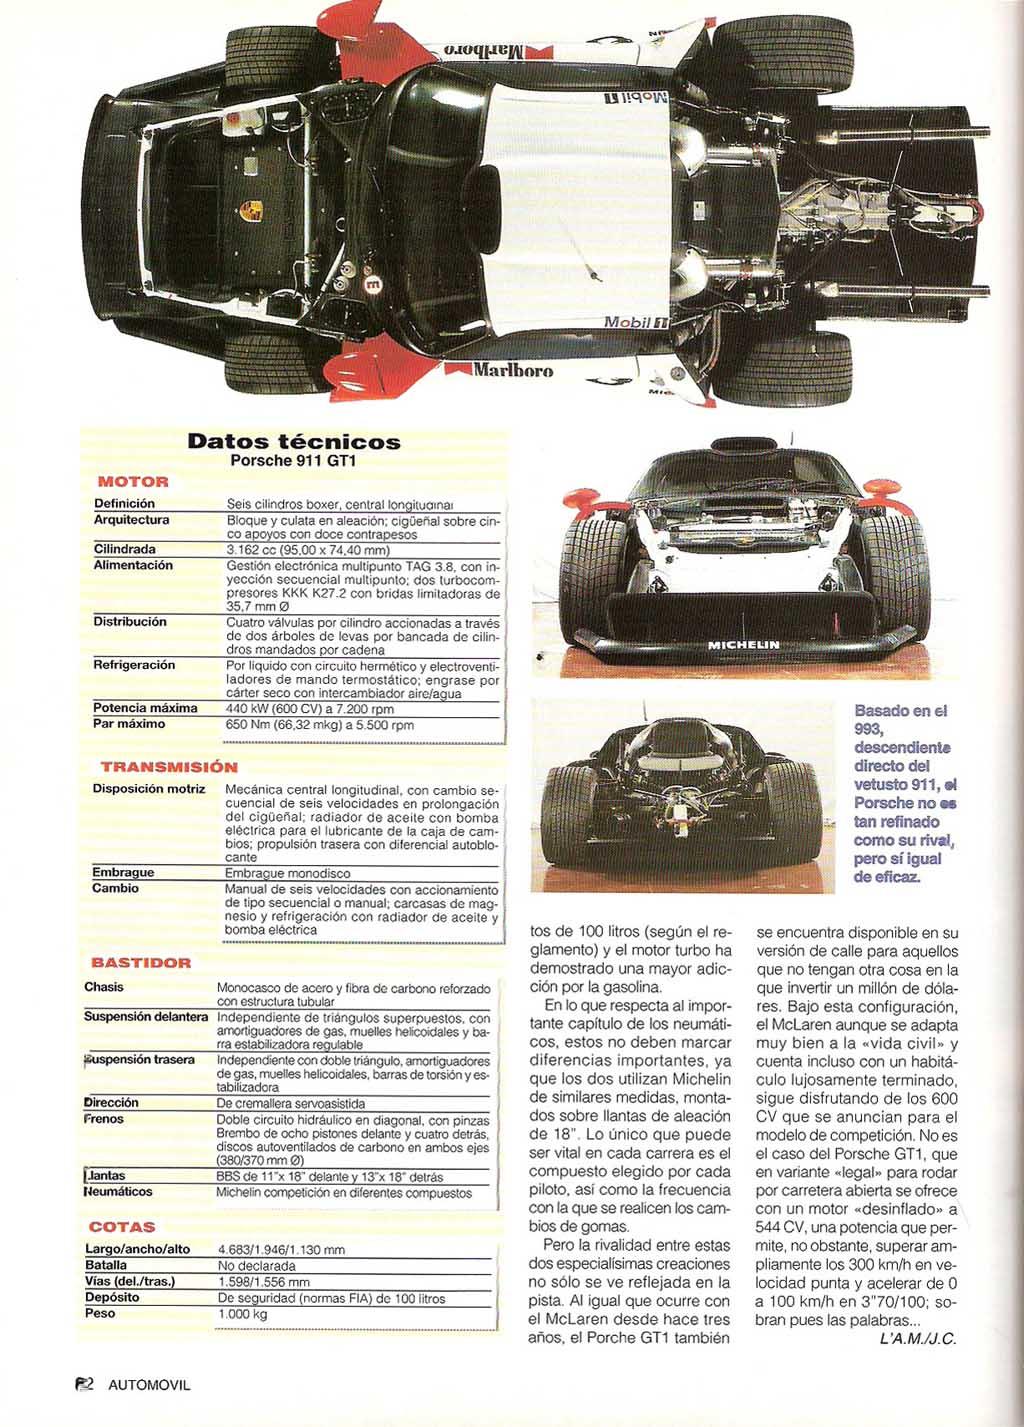 93299_McLaren_F1_GT-R_vs_Porsche_911_GT1_06_122_1125lo.jpg